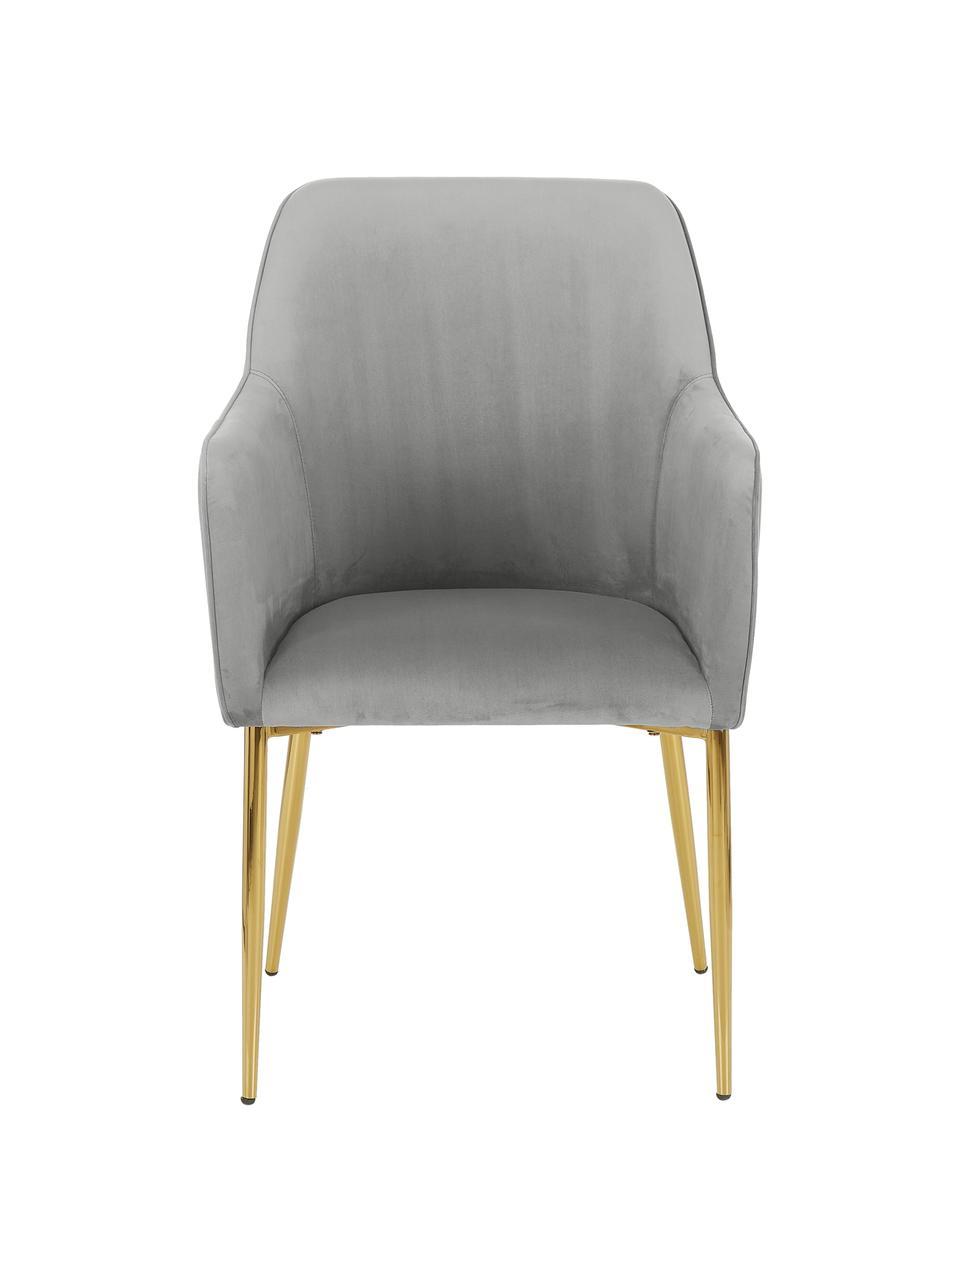 Samt-Armlehnstuhl Ava in Grau, Bezug: Samt (100% Polyester) Der, Beine: Metall, galvanisiert, Samt Grau, B 57 x T 63 cm